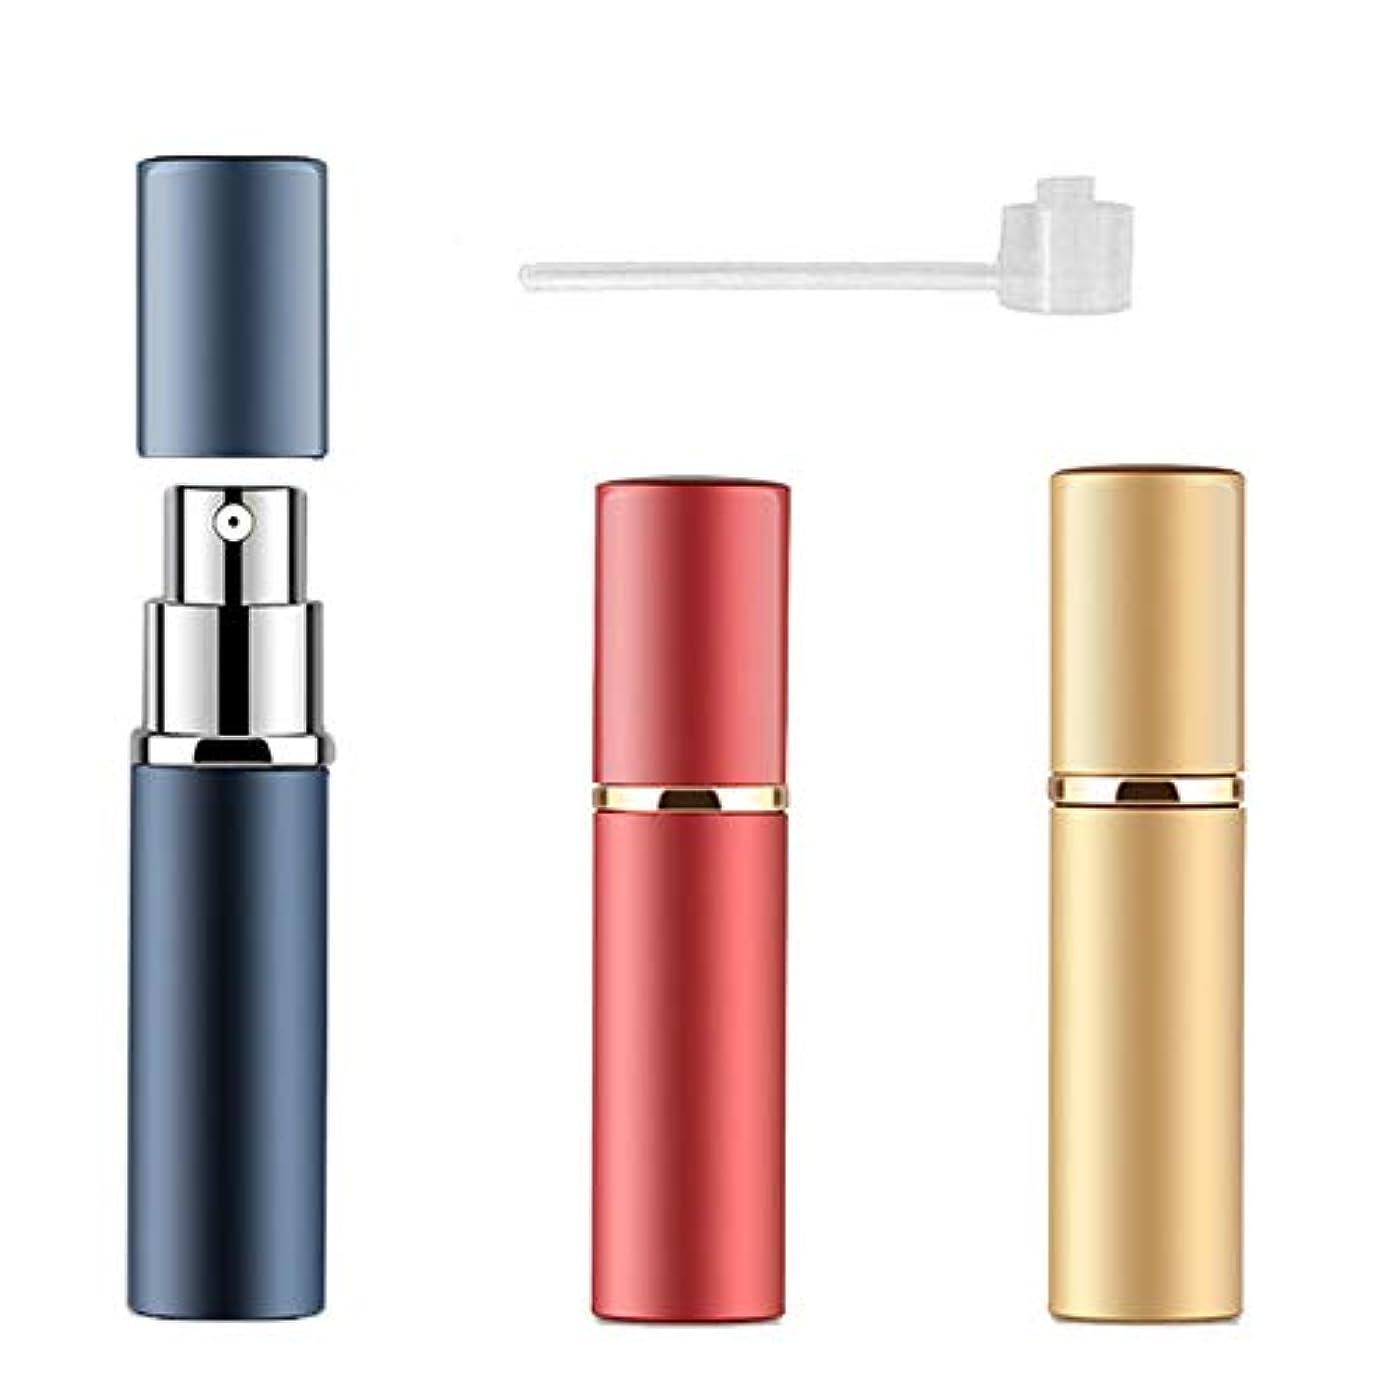 レベル背が高い描くアトマイザー 香水 詰め替え容器 スプレーボトル 小分けボトル トラベルボトル 旅行携帯便利 (3色セット)